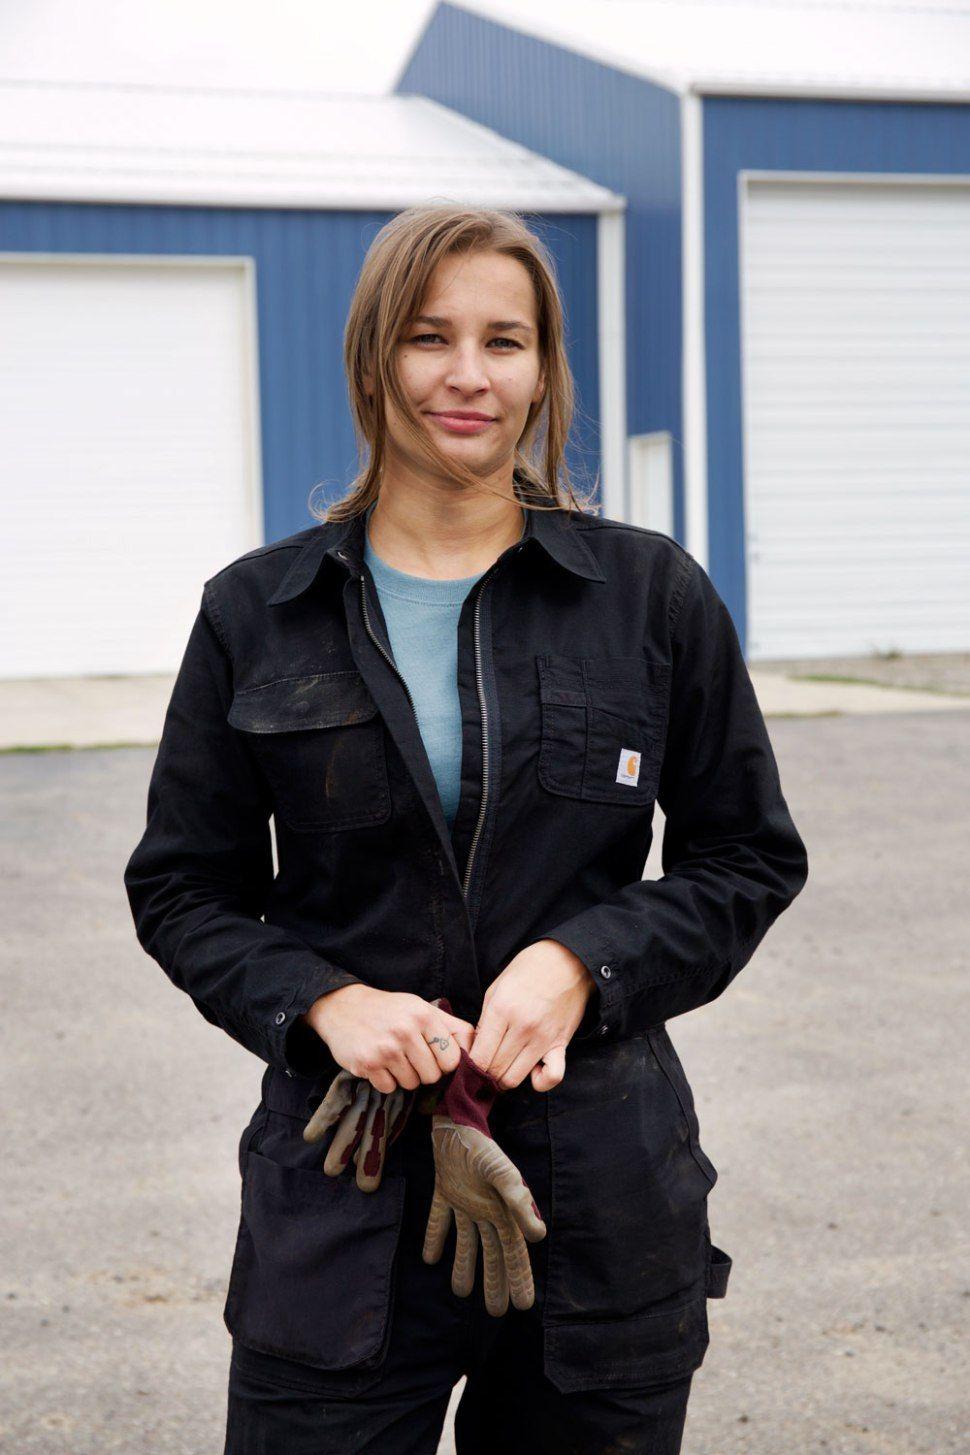 The Women of Iron Maiden Welding Iron maiden, Maiden, Women